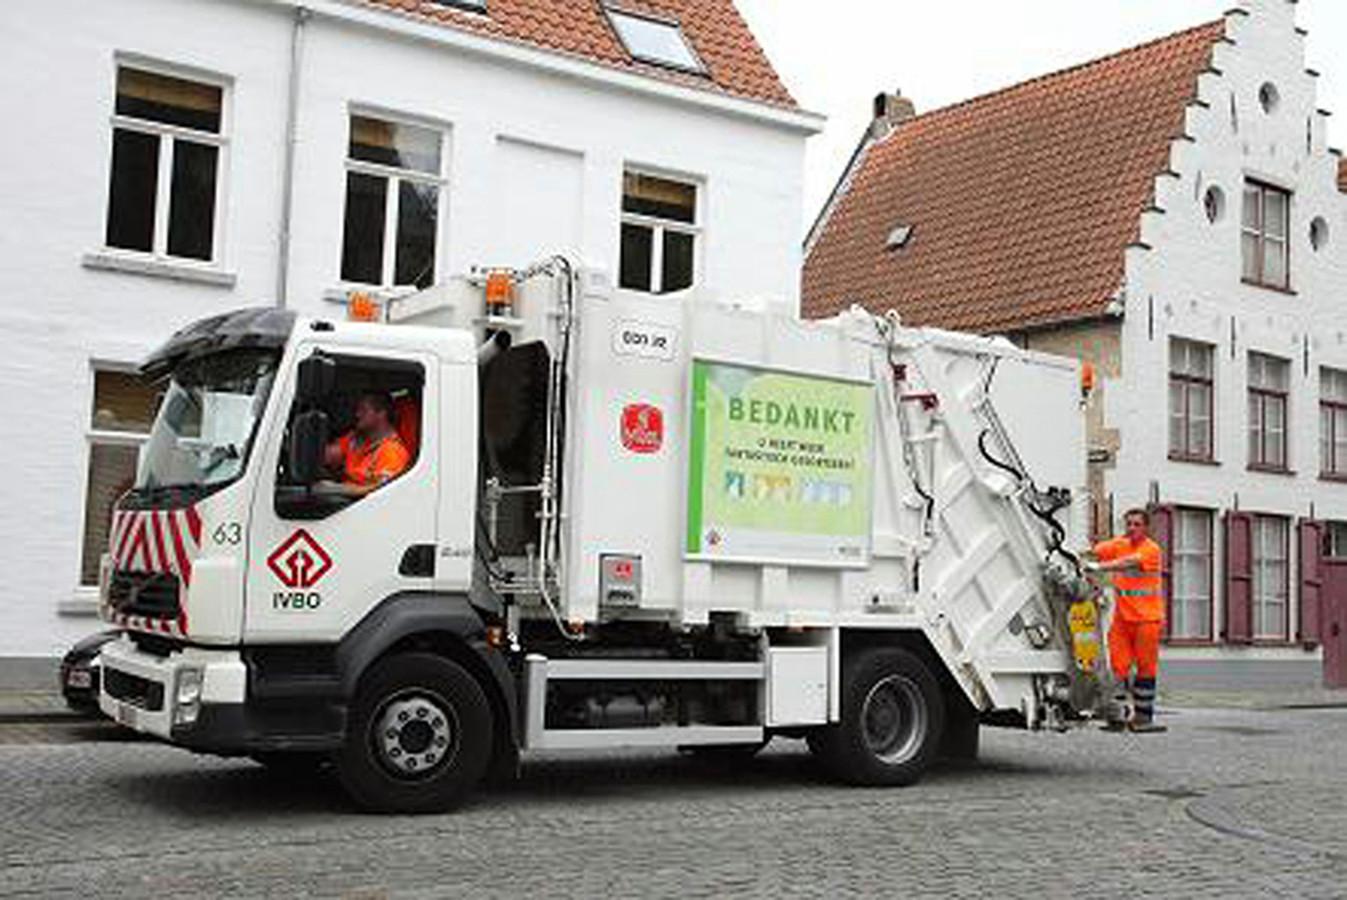 Een Bruggeling gooide vorig jaar eieren naar een vuilnisman. (illustratiebeeld)